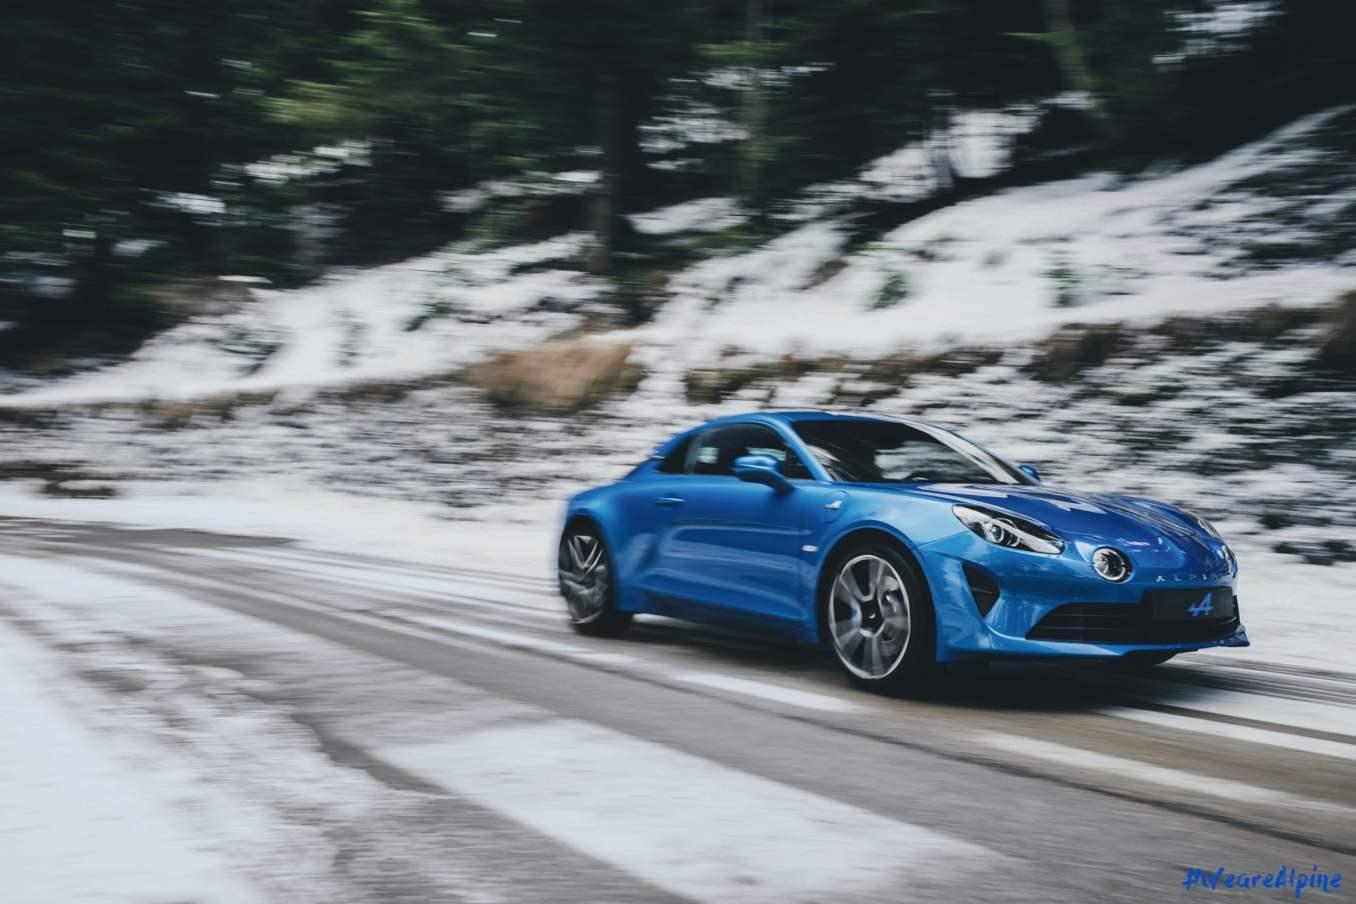 Genève 2017 Alpine A110 Premiere edition officielle 25 imp scaled | Salon de Genève 2017, toutes les informations officielles de l'Alpine A110 !